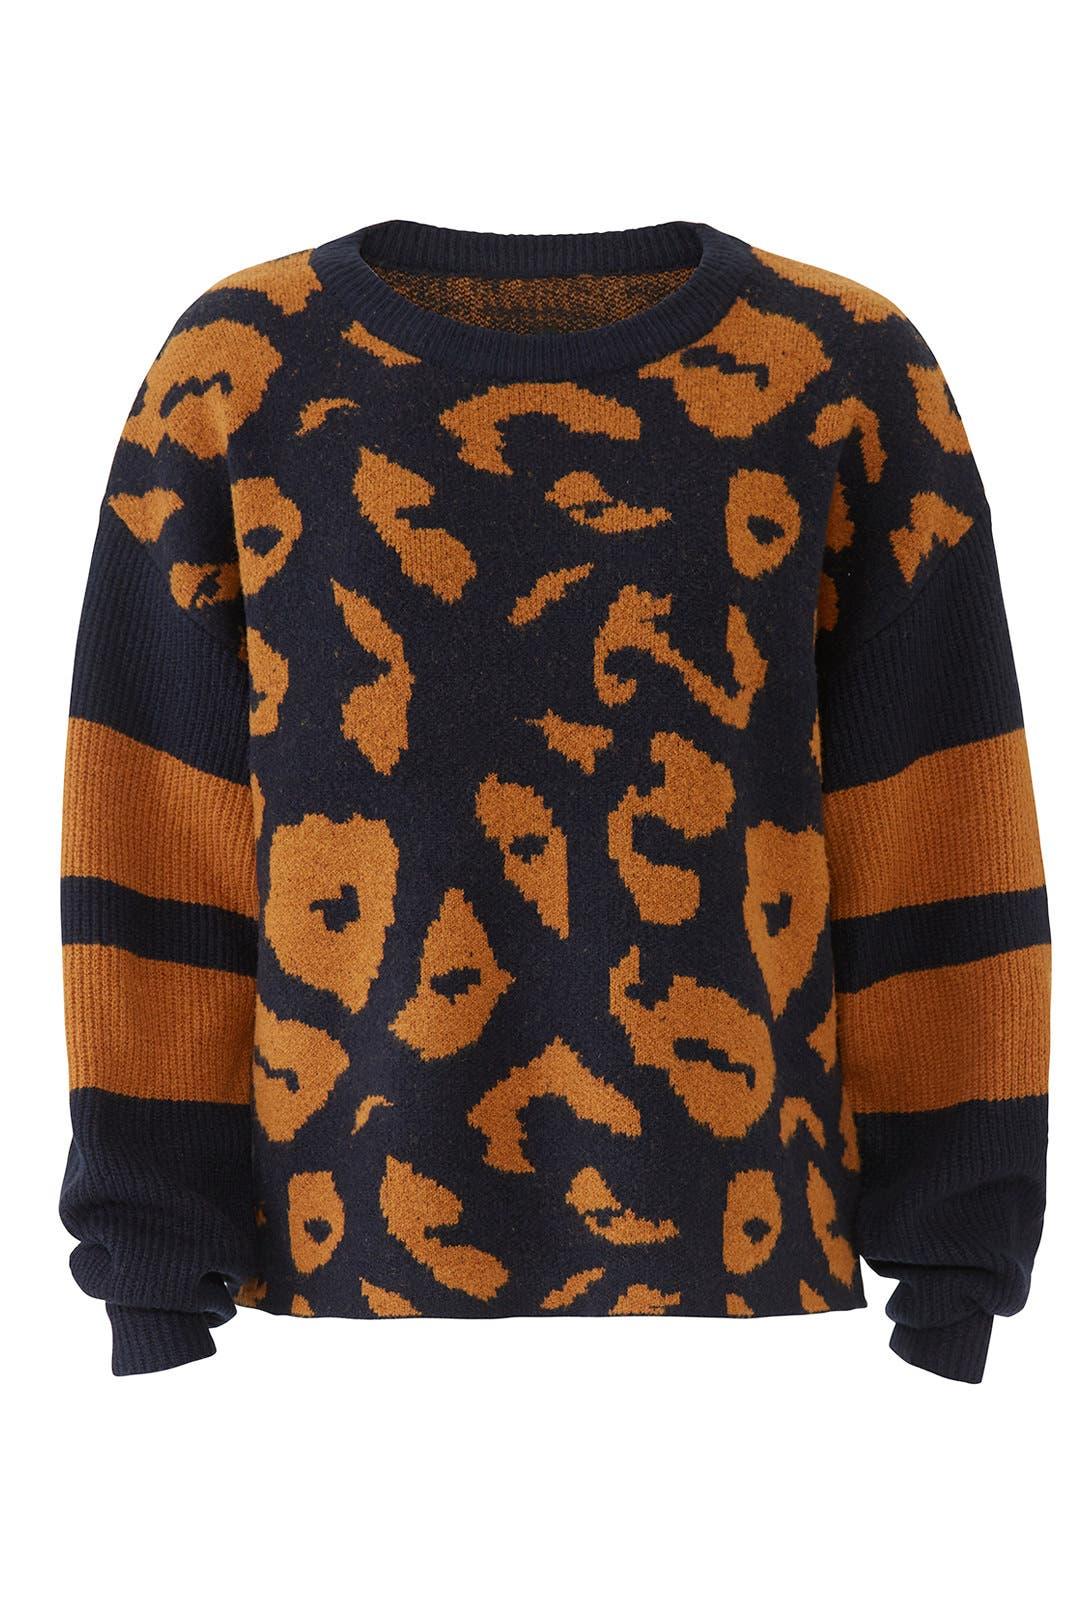 4dd8b9e35 Jodi Leopard Sweater by John + Jenn for  30